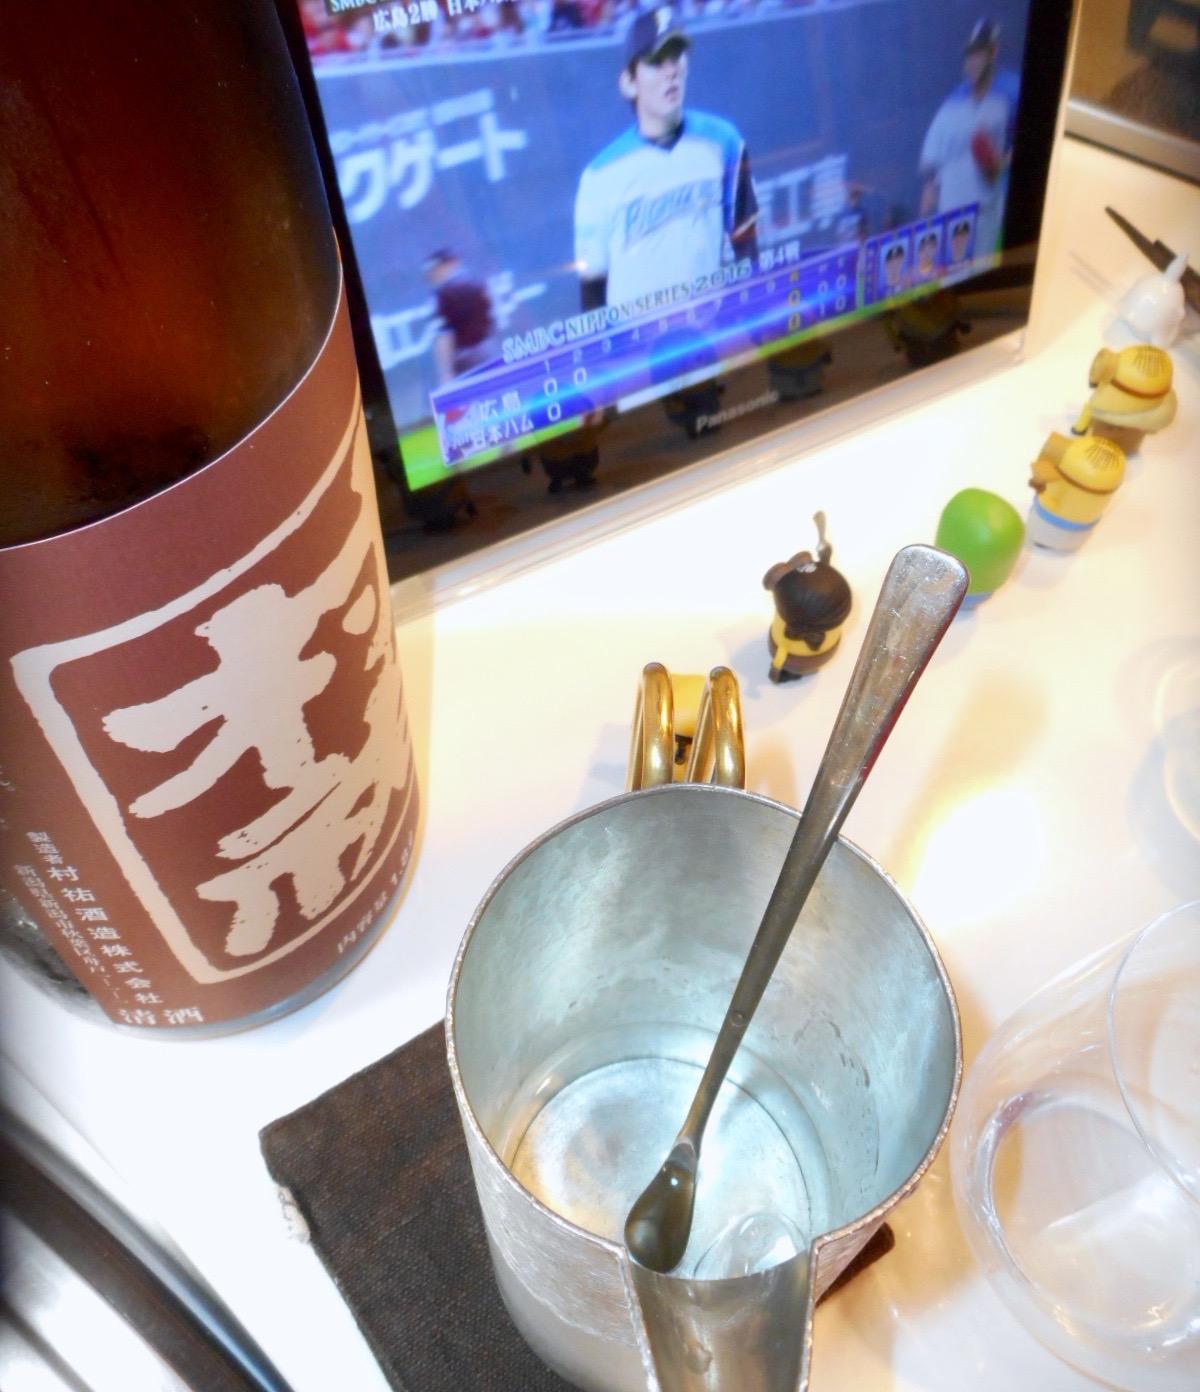 murayu_akane_namajuku27by11.jpg